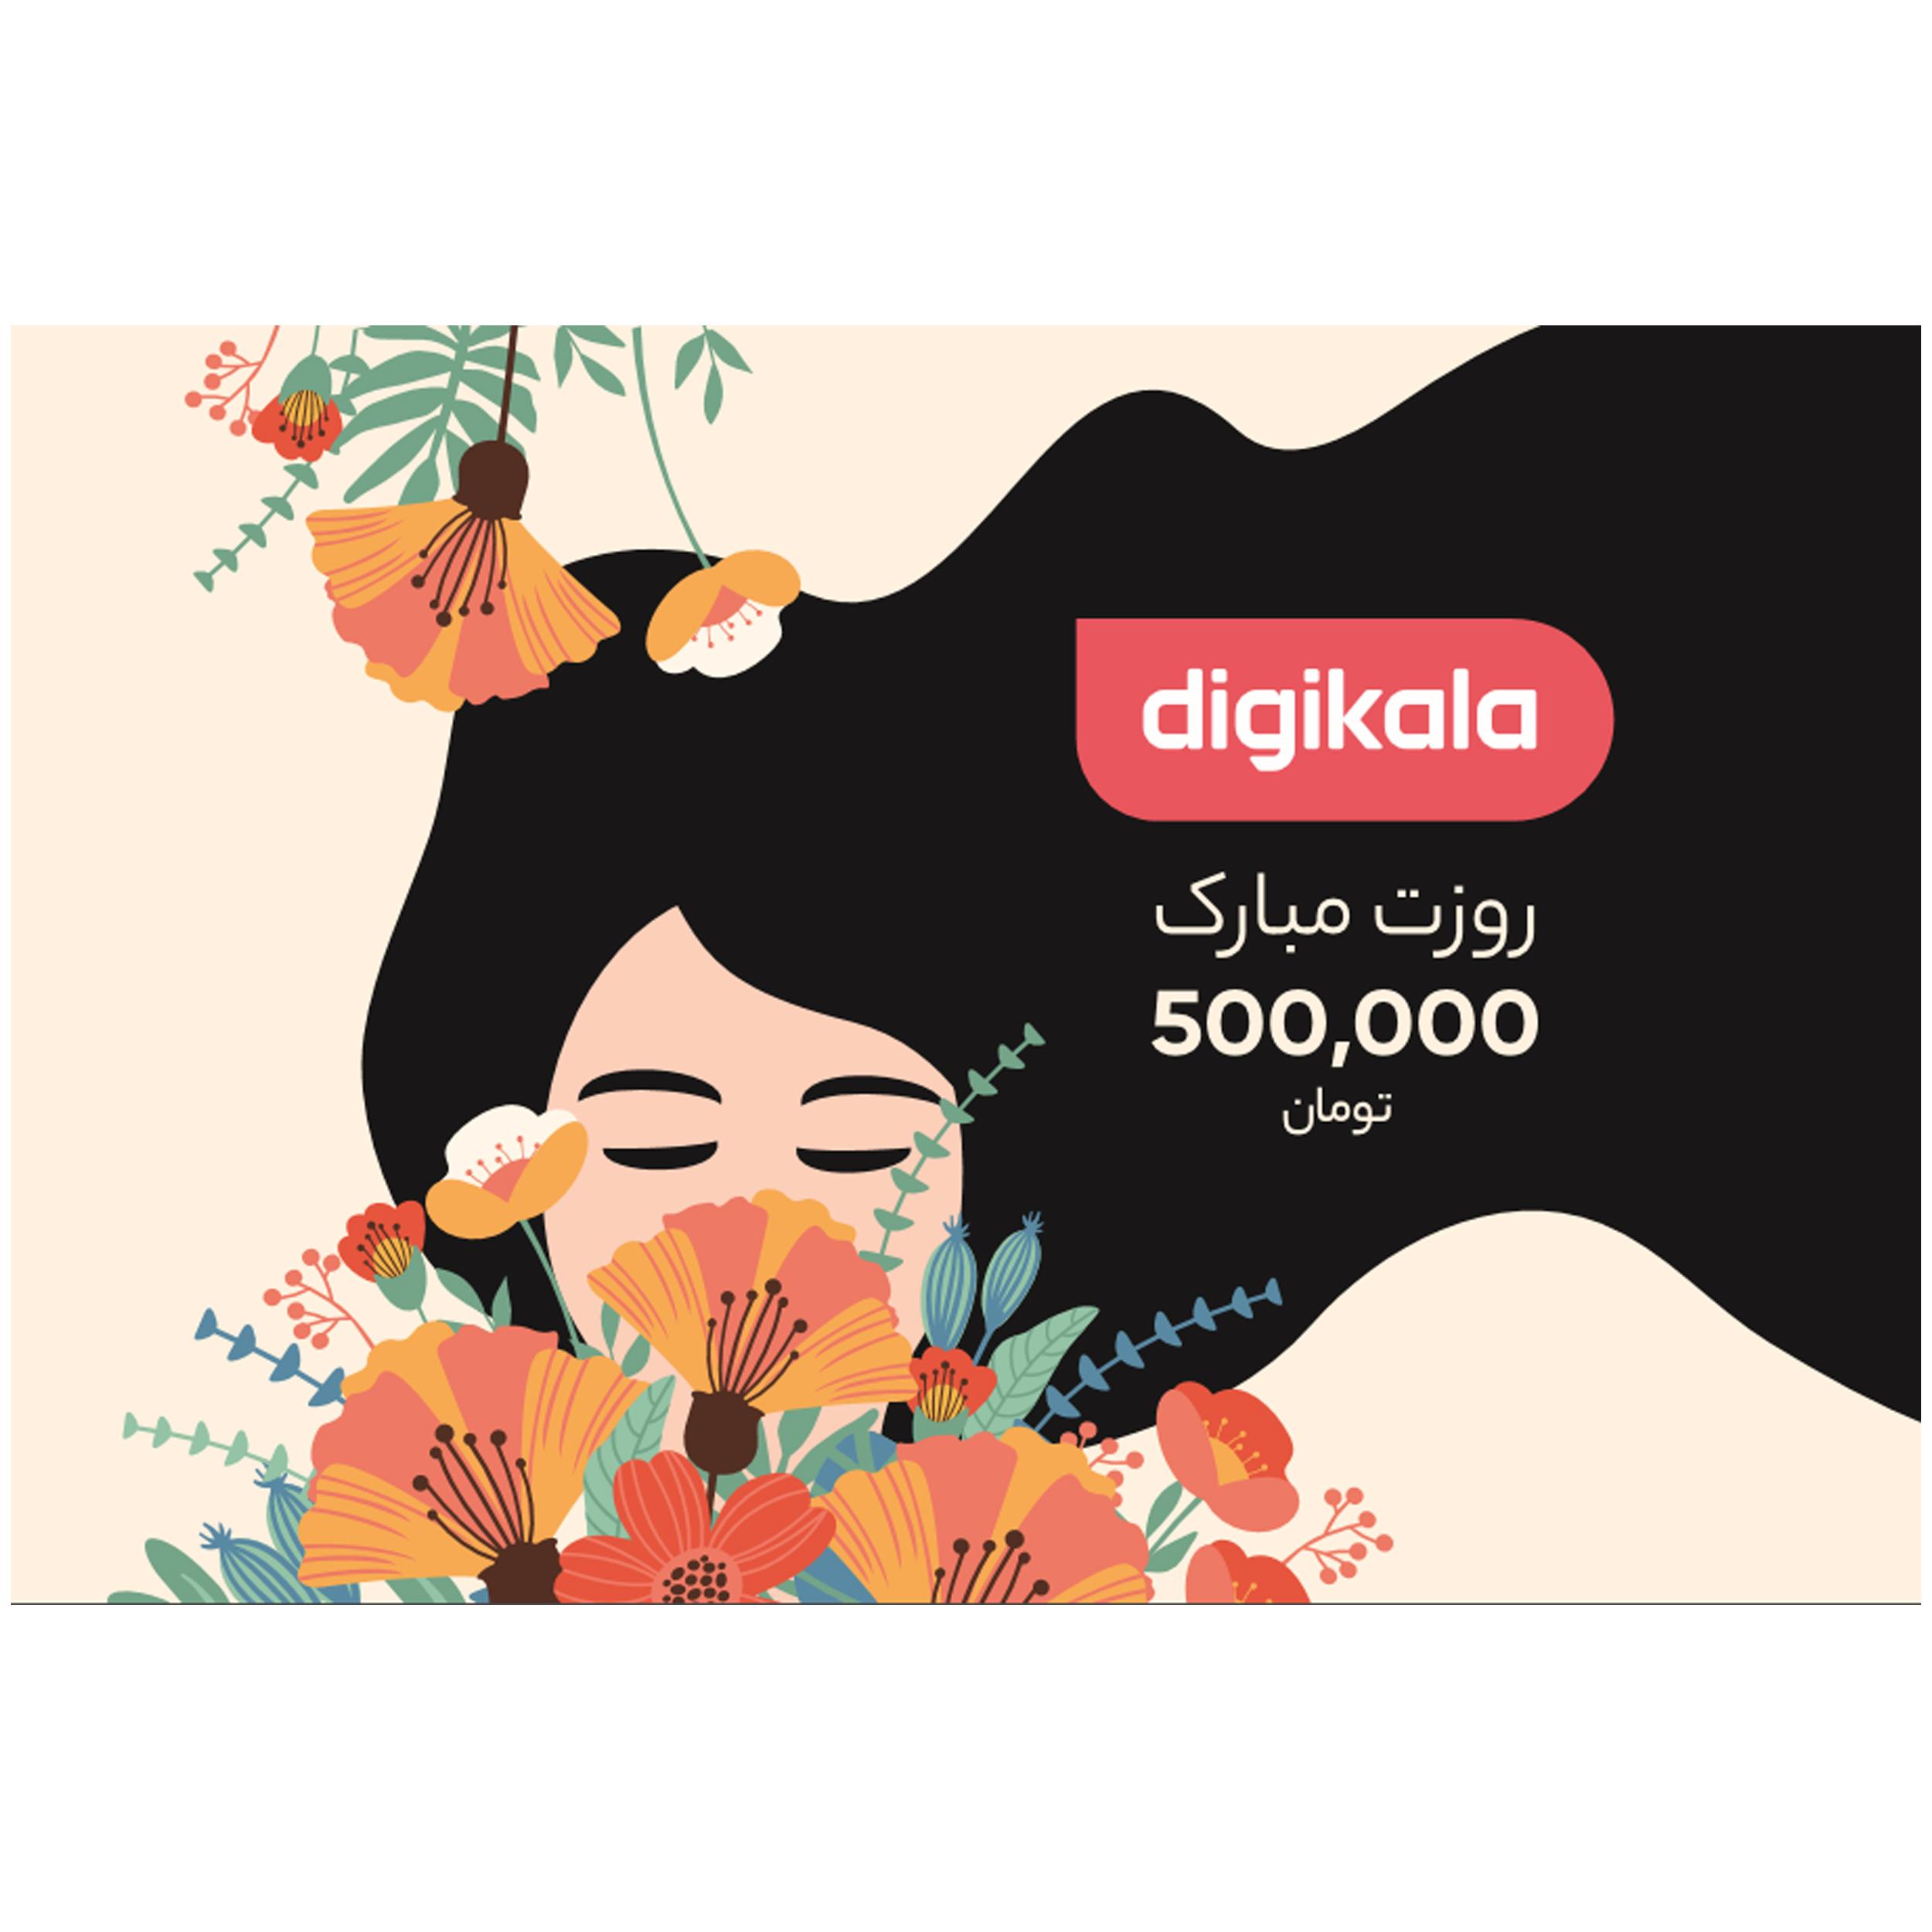 کارت هدیه دیجی کالا به ارزش 500,000 تومان طرح روز زن